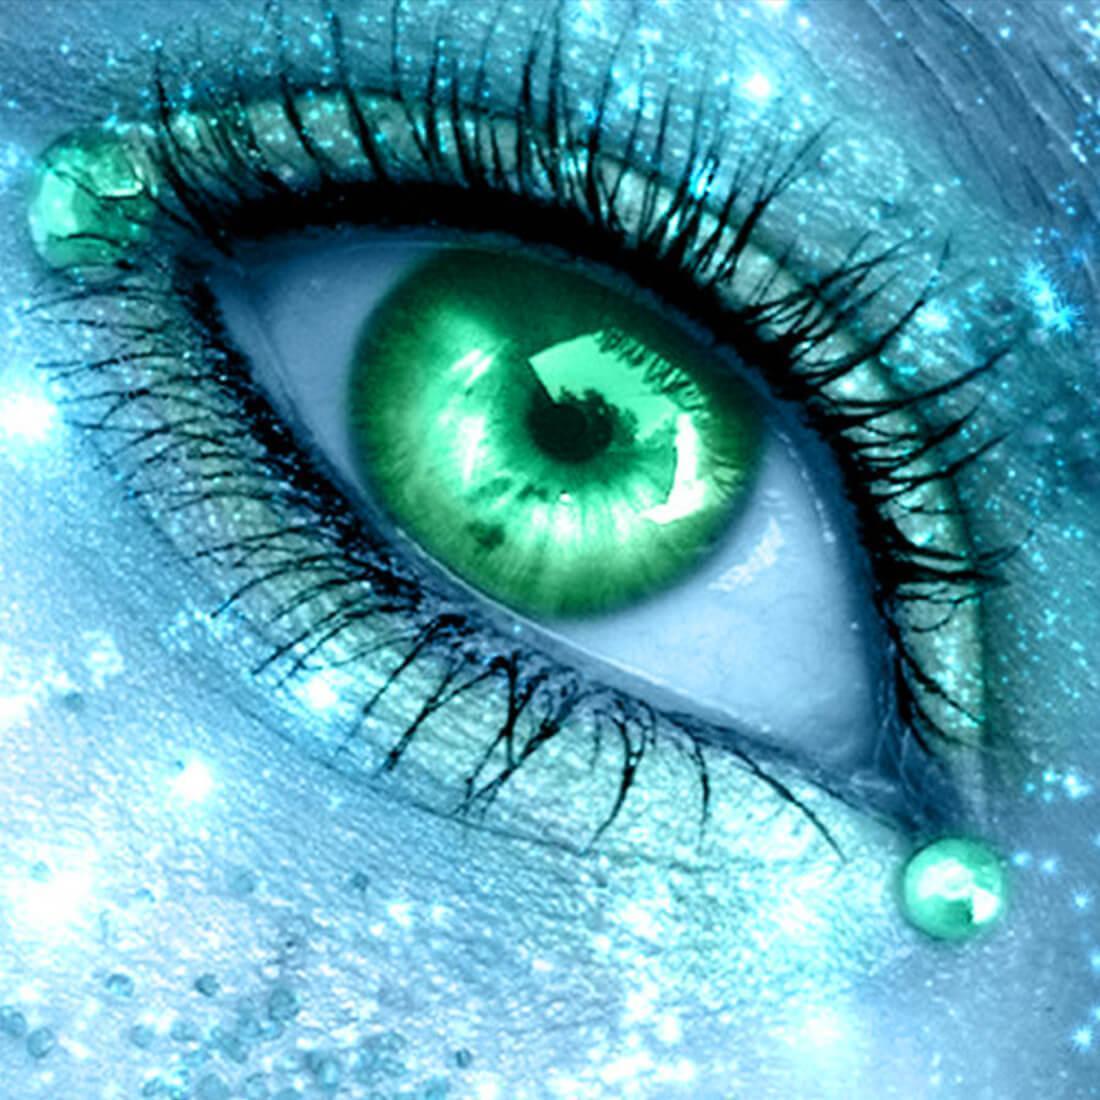 Augen Hintergrundbilder für Android - APK herunterladen